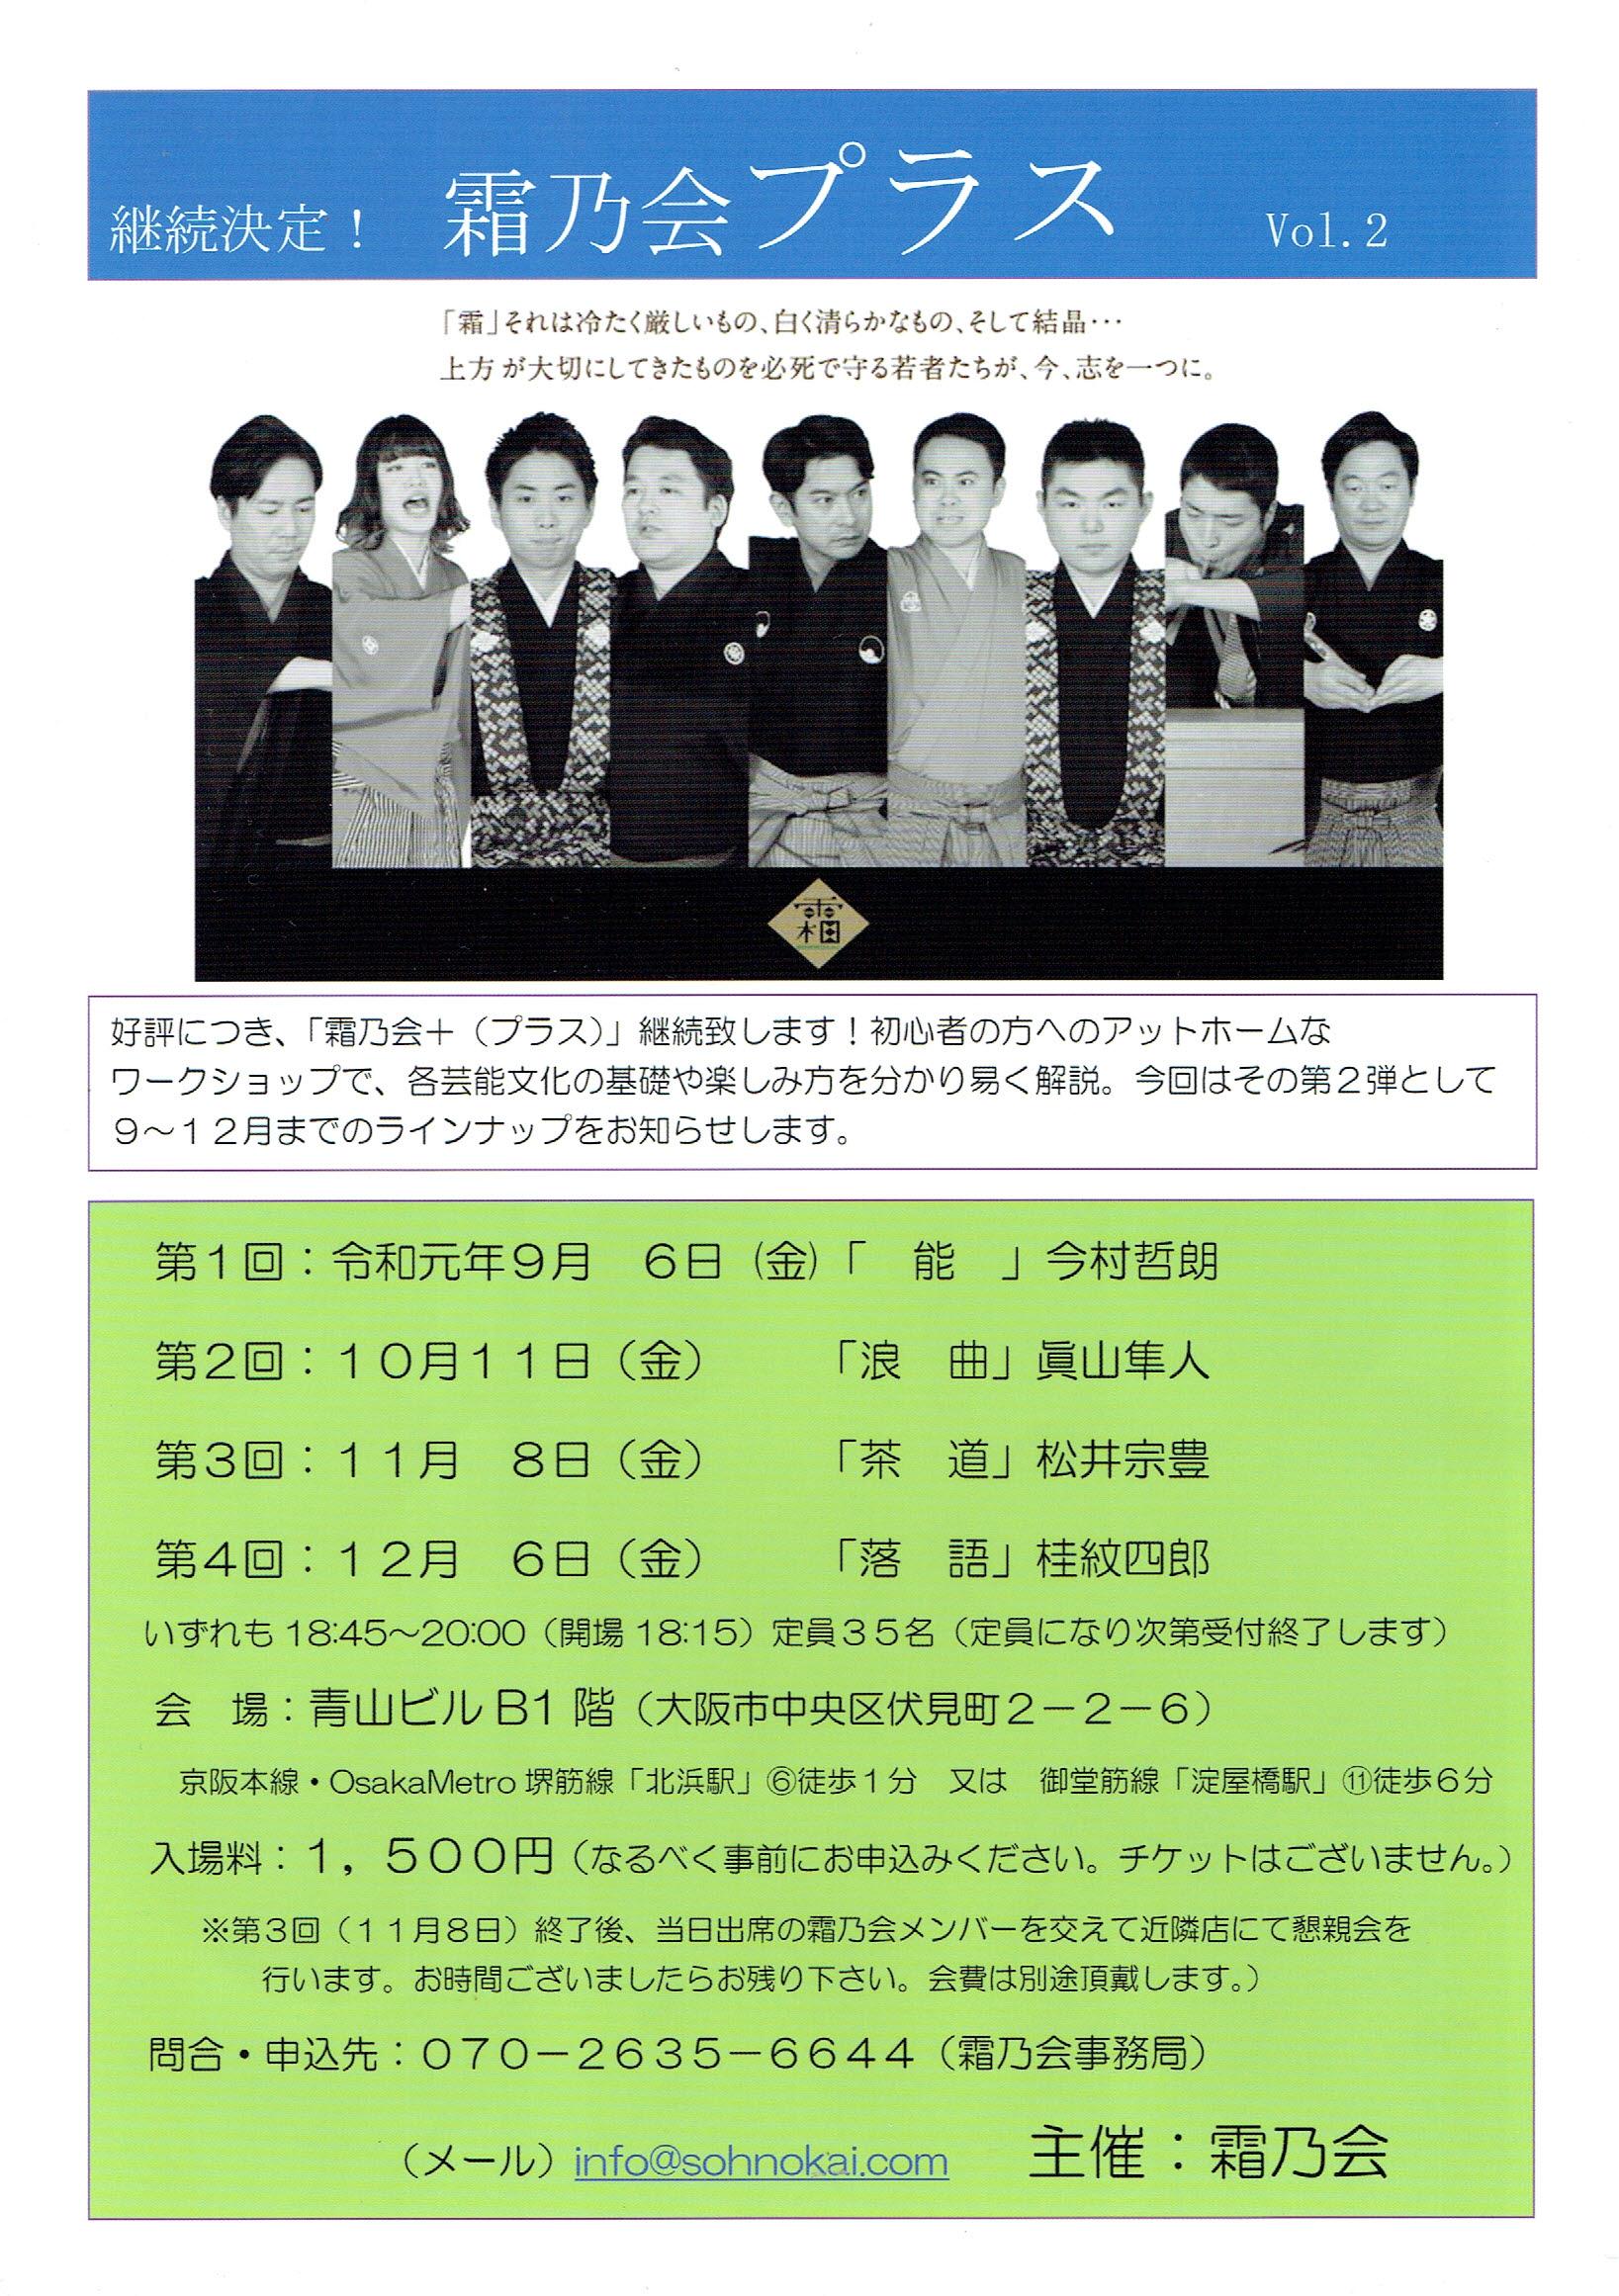 霜乃会プラス 2019年9月~12月